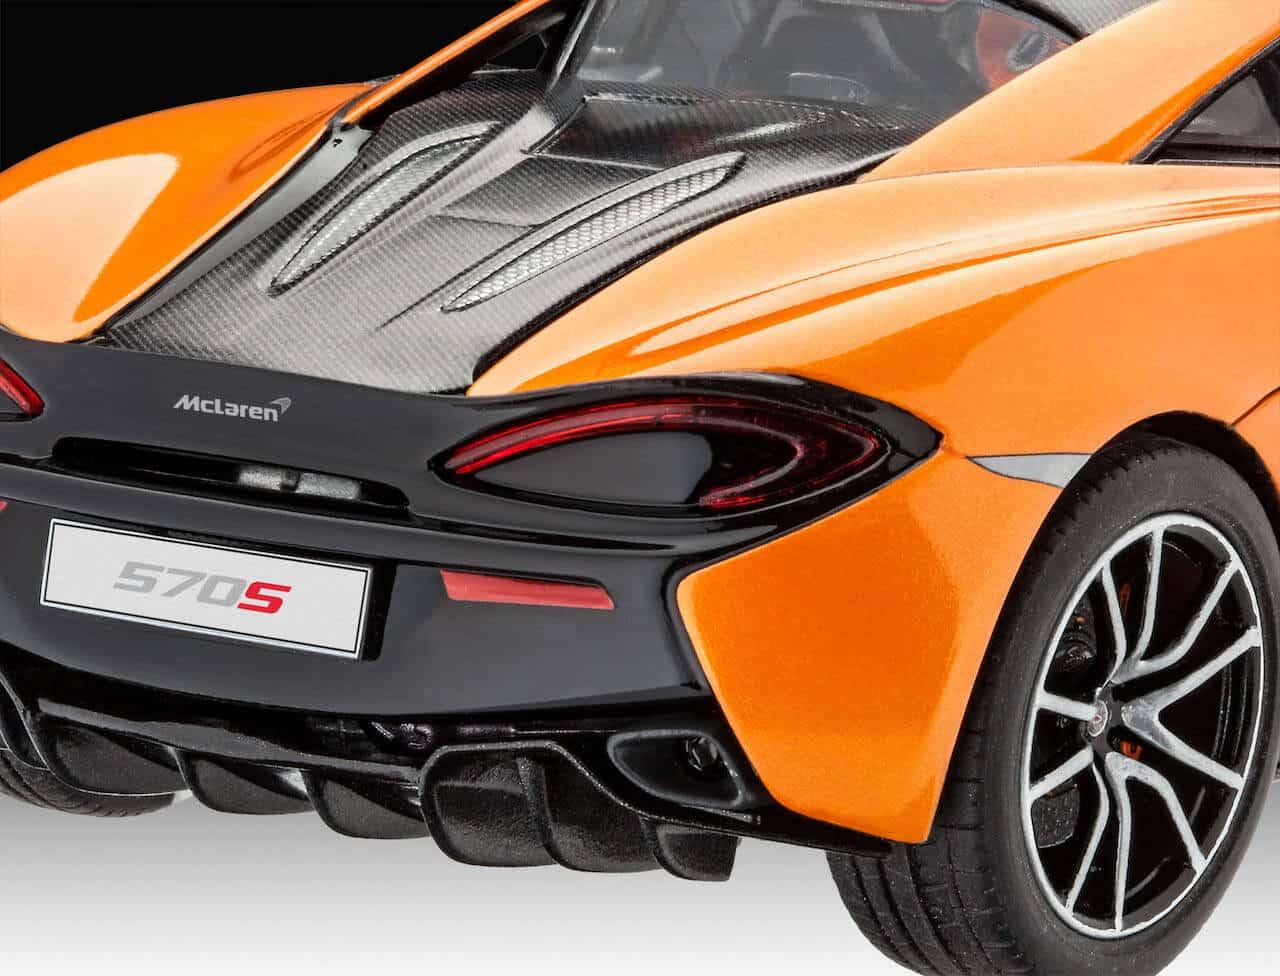 โมเดลรถแมคลาเรน McLaren 570S 1/24